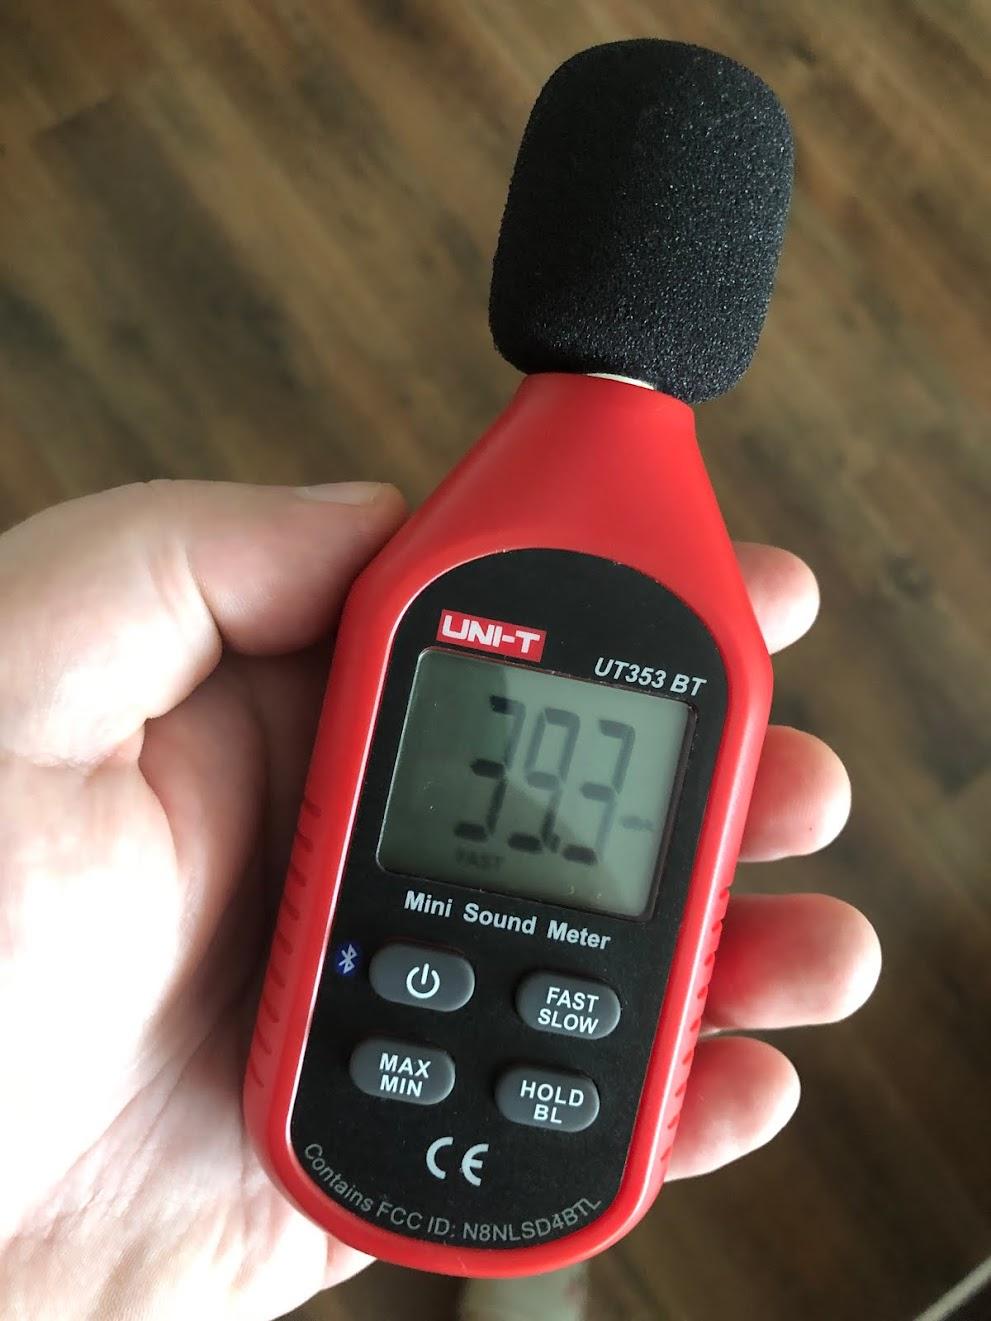 Jak głośny jest CPAP w rzeczywistości? Sprawdźmy to!